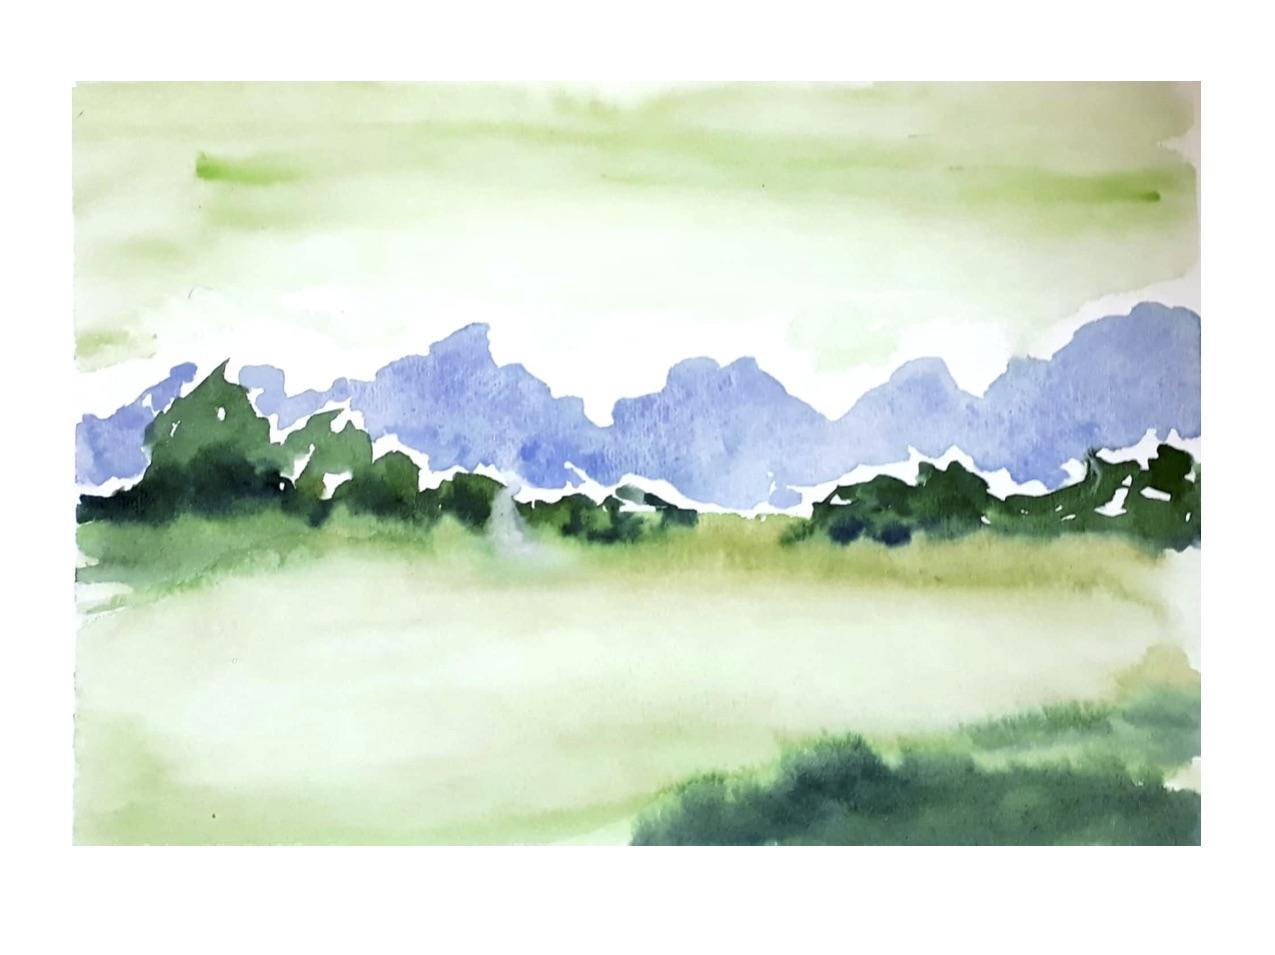 Green Valley - 7th Landscape Challenge Piece.